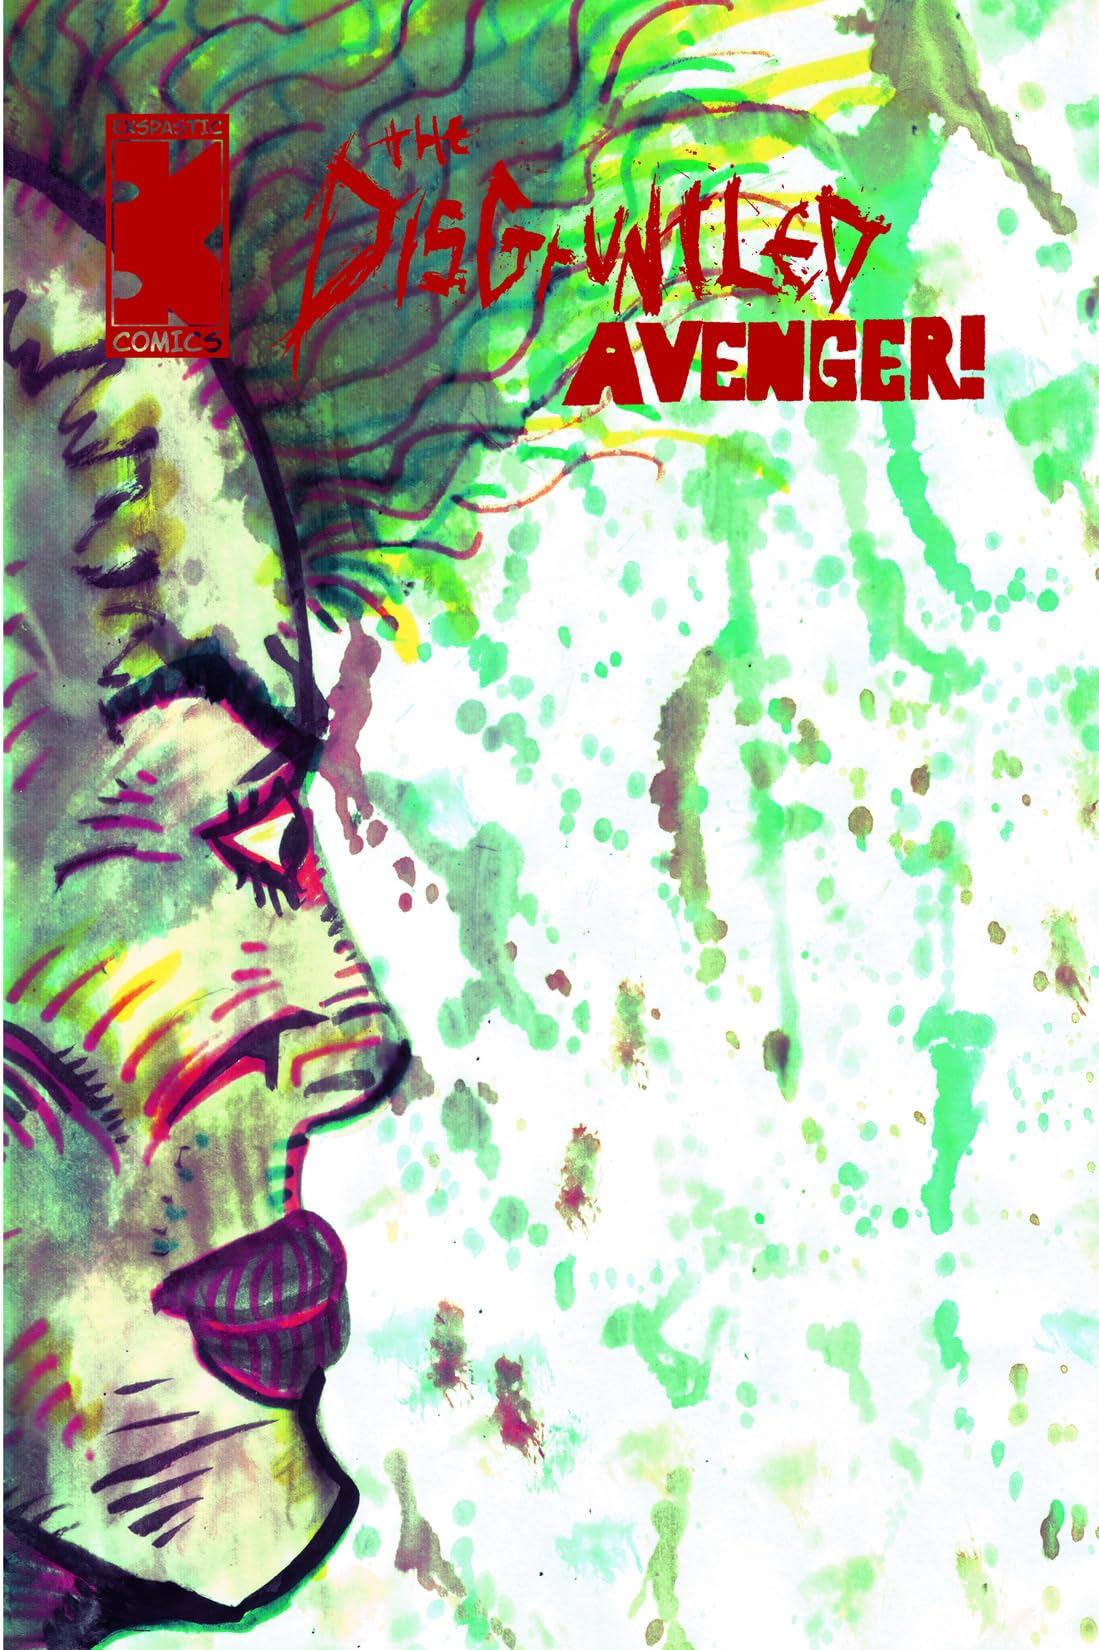 The Disgruntled Avenger #104